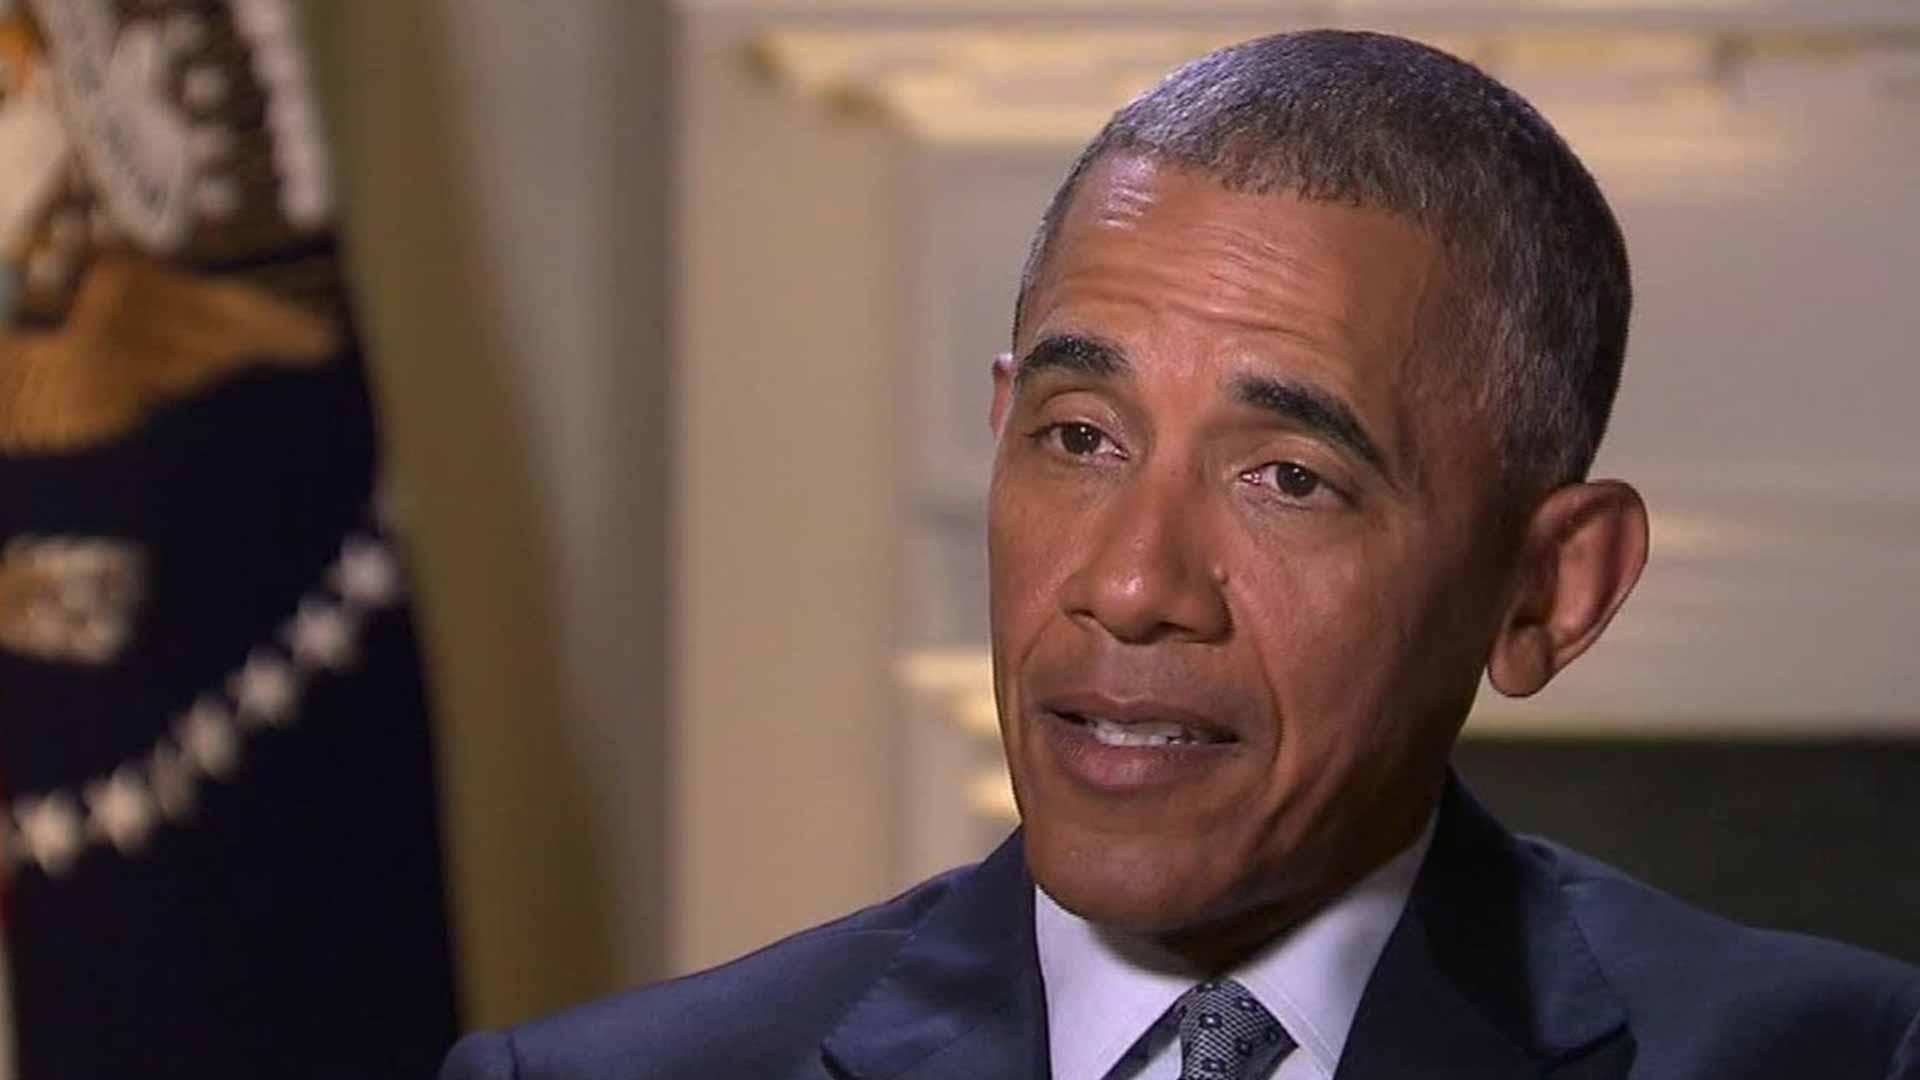 Video-Aufnahmen mit dem Smartphone filmen: Beispiel-Kamera-Führung Obama 1